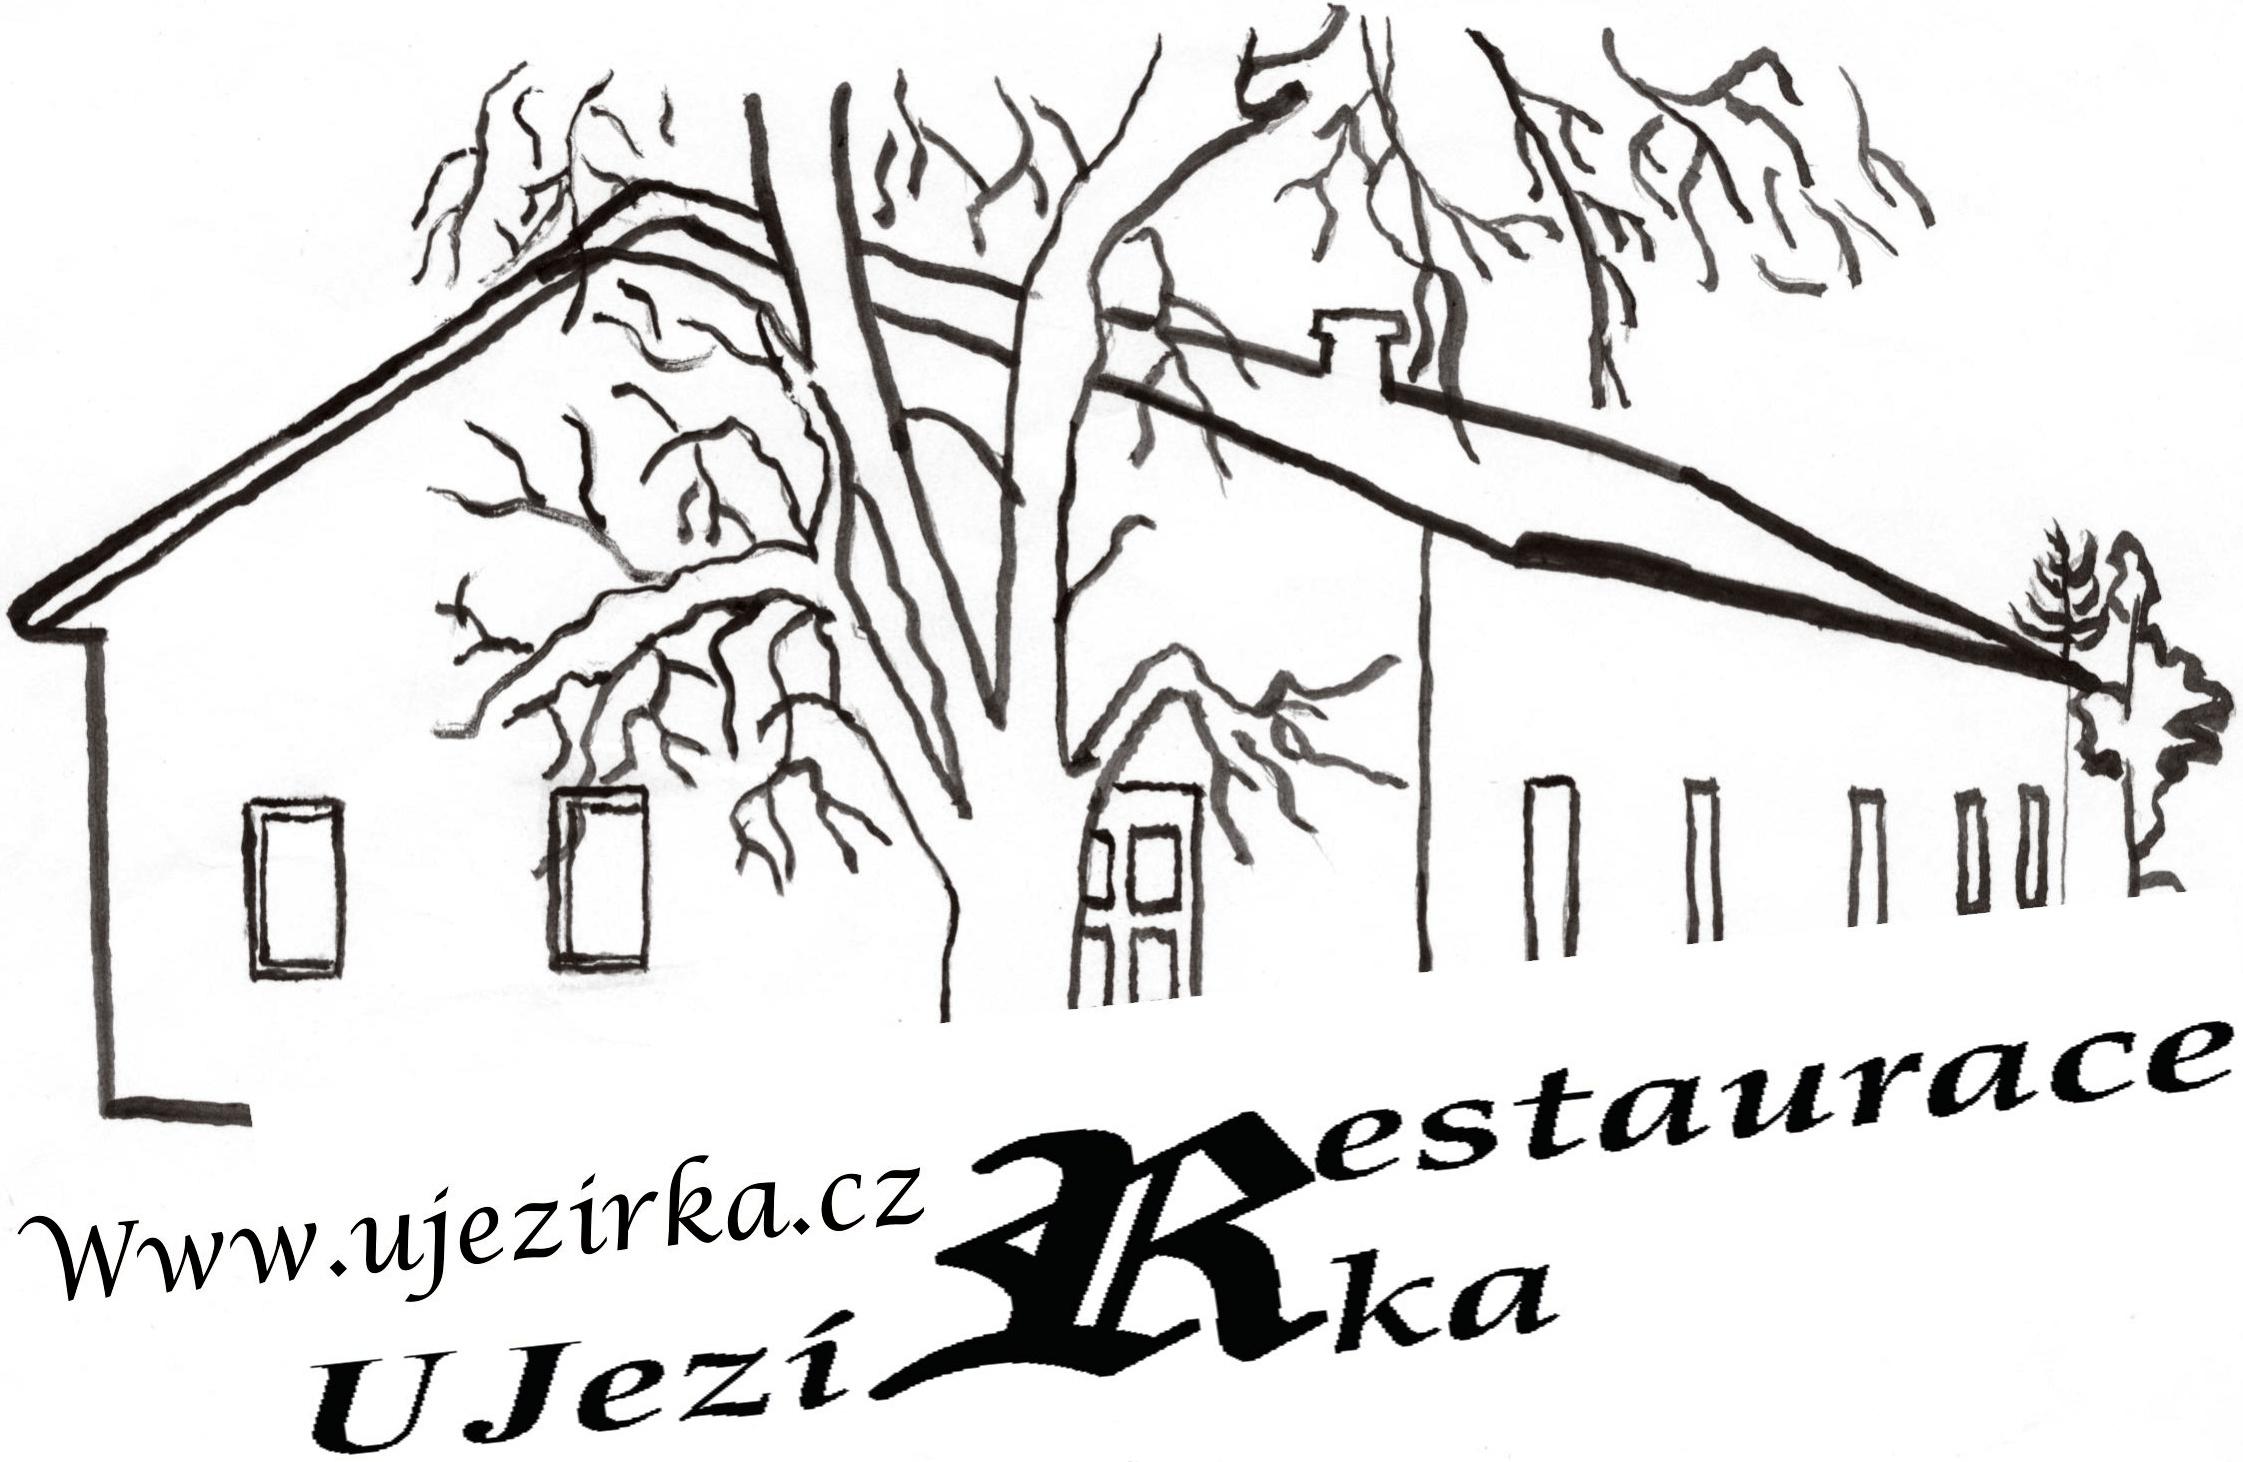 Restaurace U Jezírka